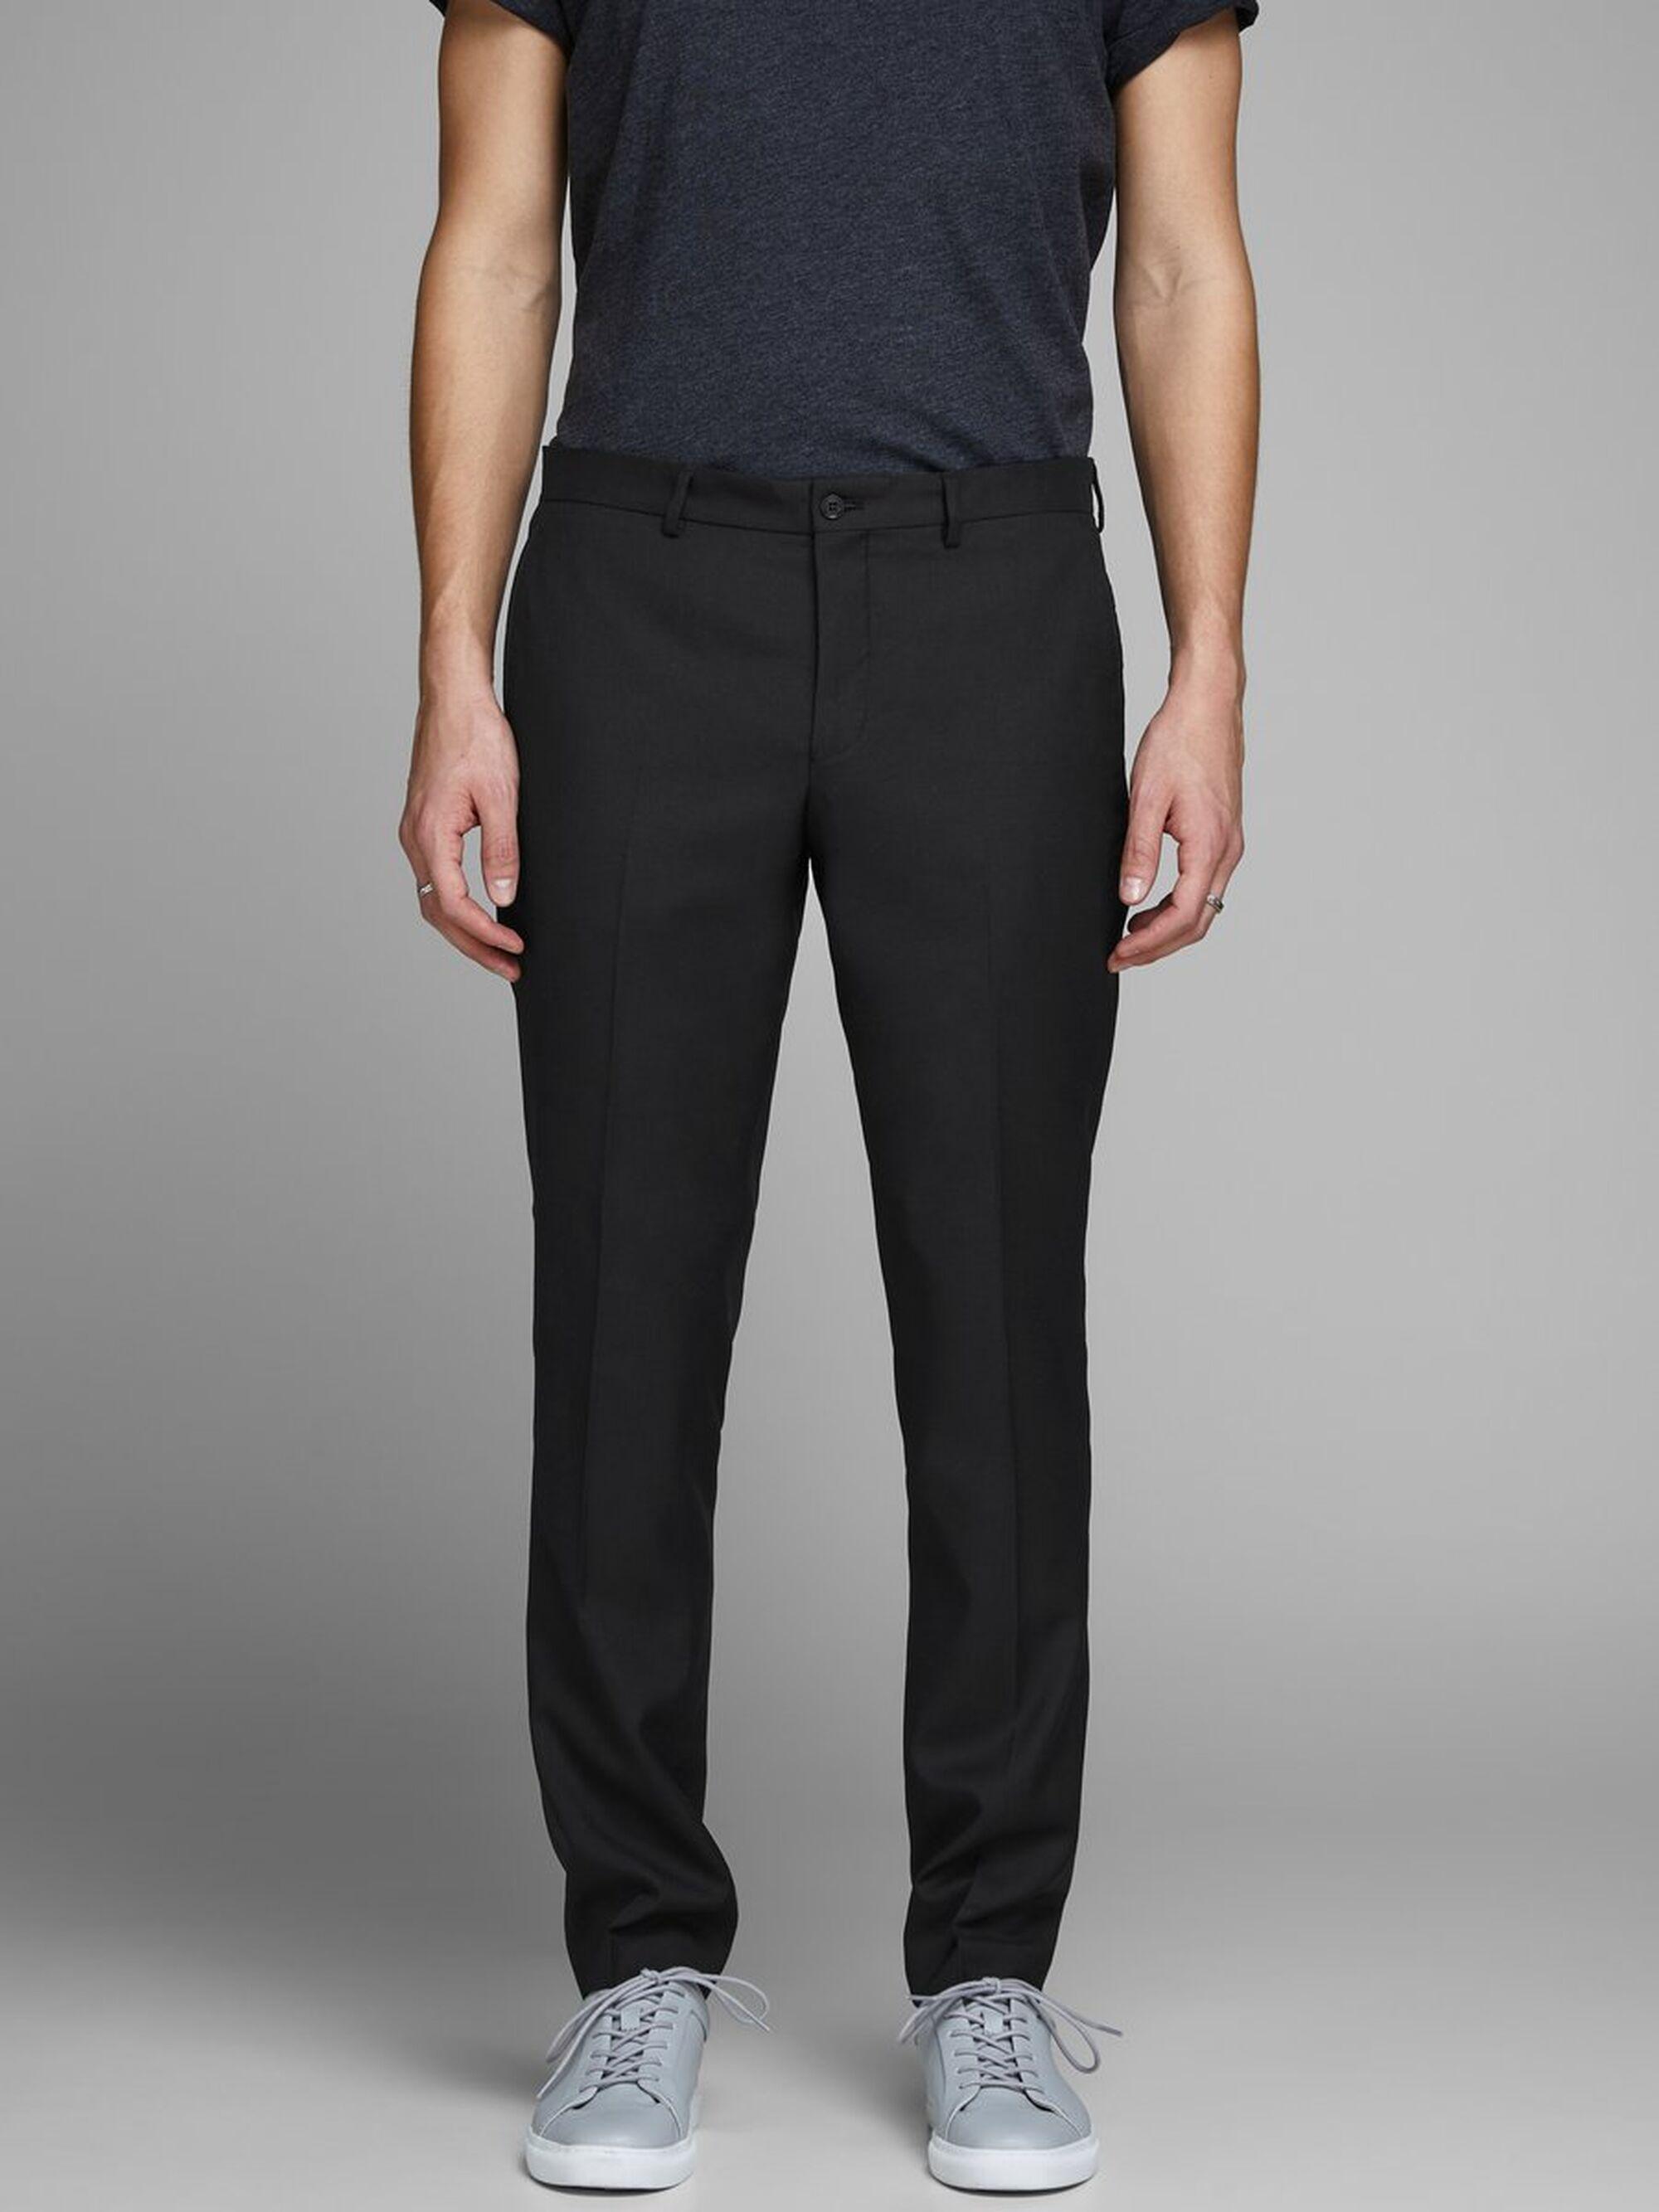 Jack & Jones Slim Fit Pantalon in het Zwart voor heren